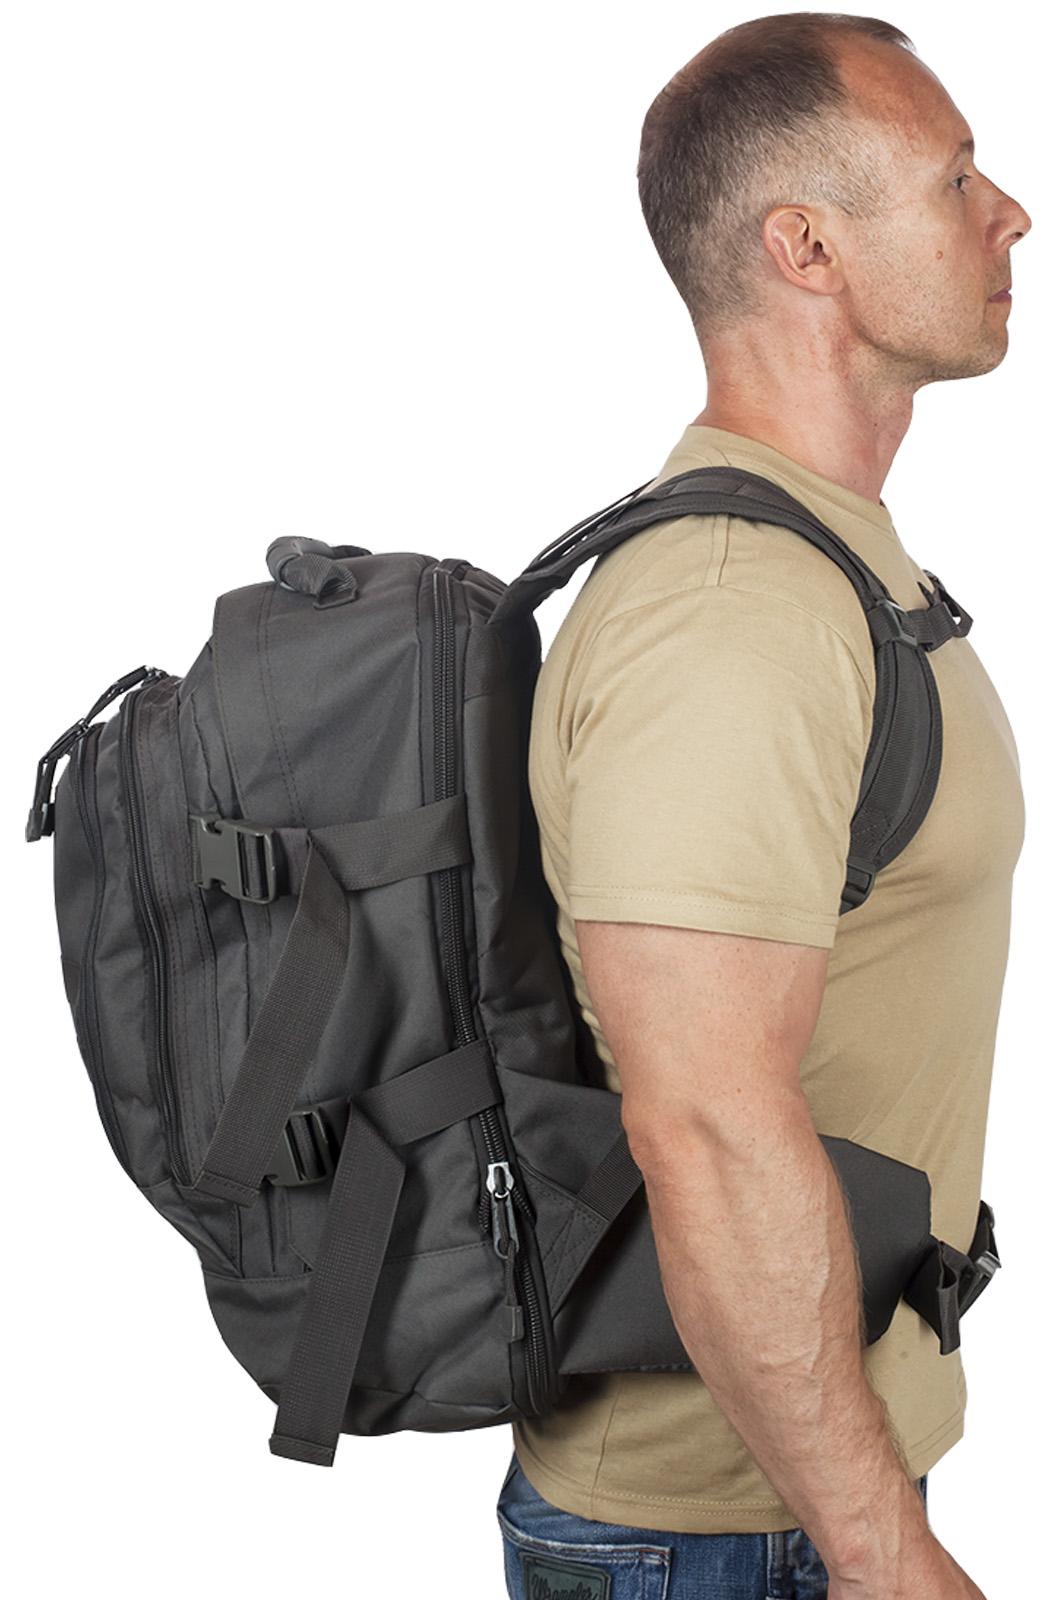 Мужской универсальный рюкзак ДПС - заказать с доставкой